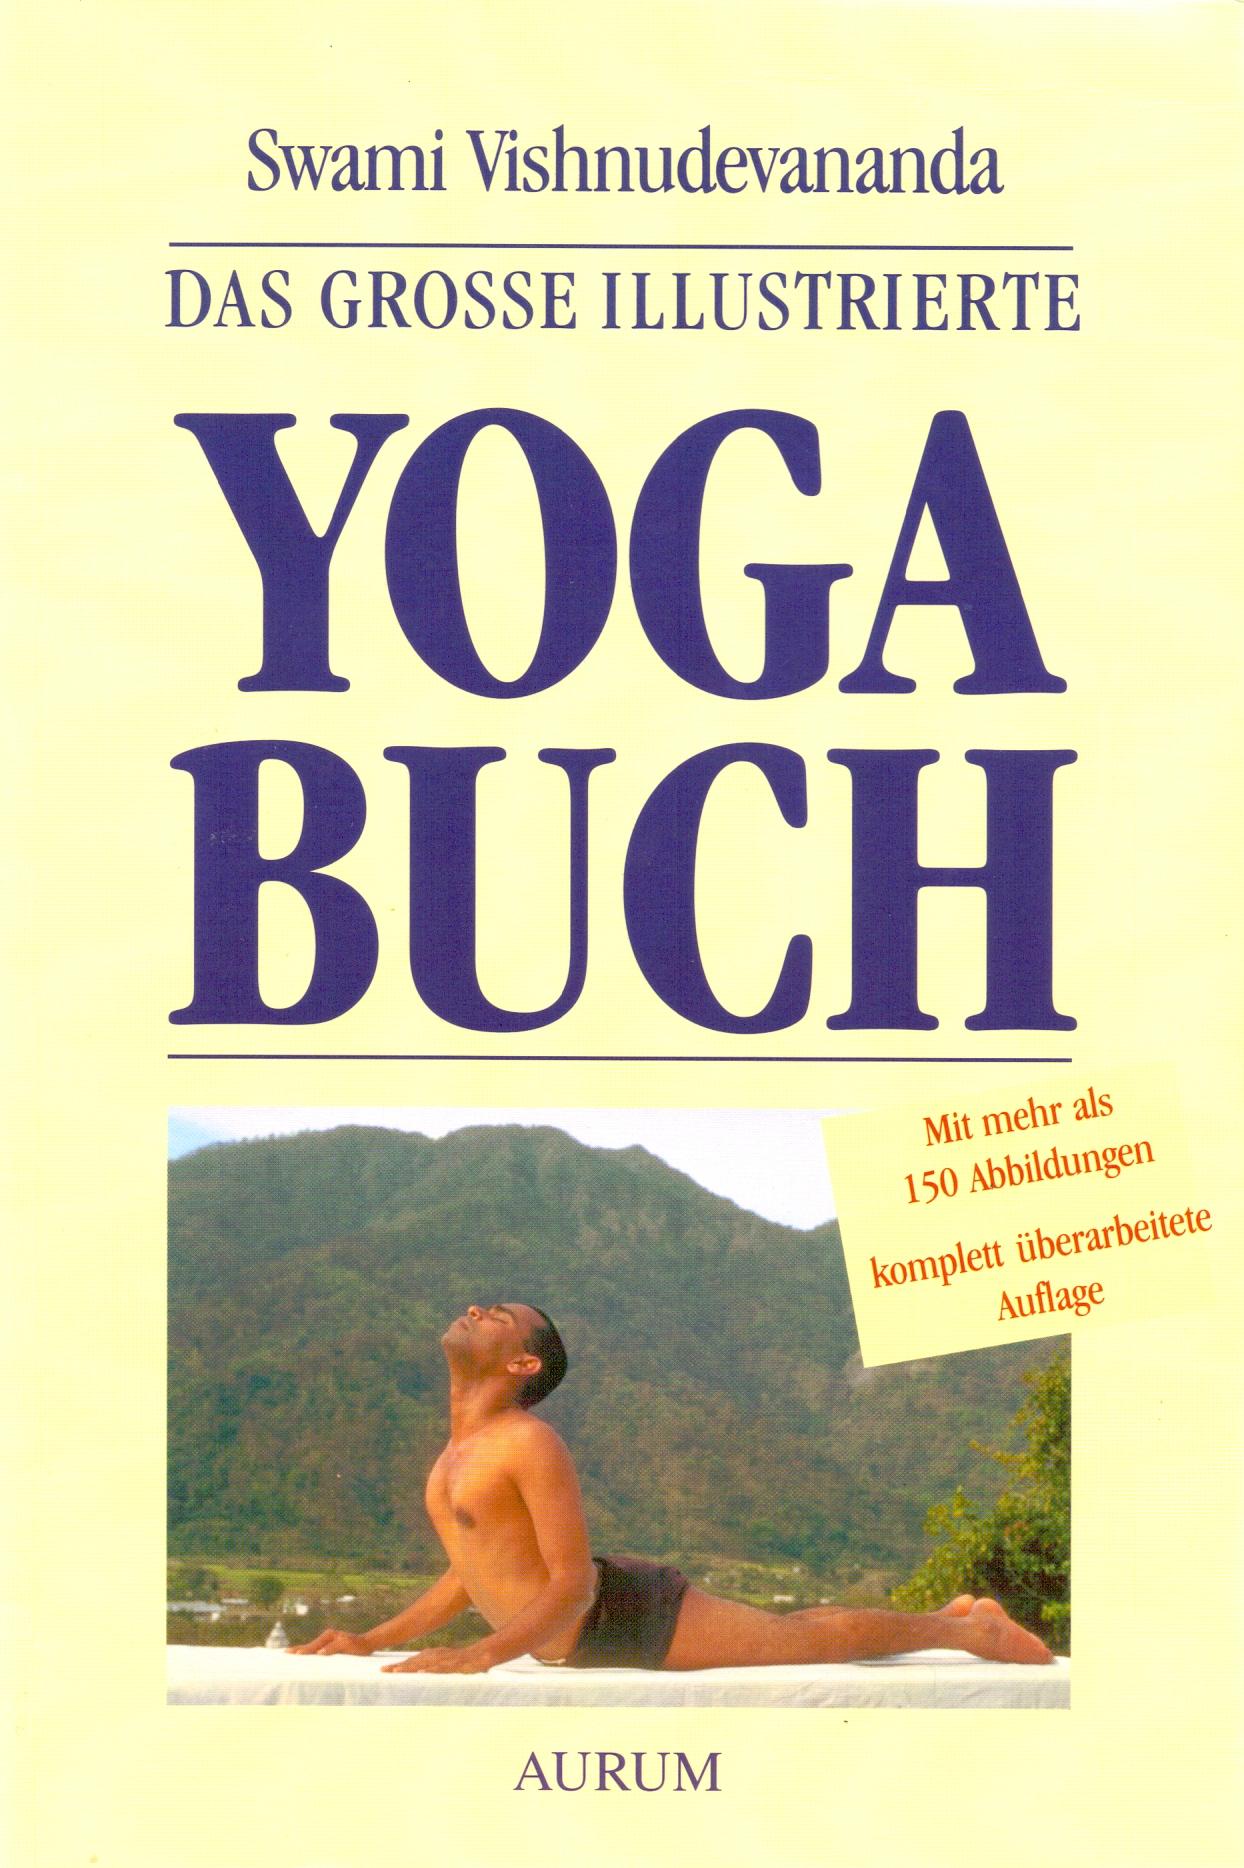 Das große illustrierte Yoga-Buch - Swami Vishnu-Devananda [Broschiert, 12. Auflage 2010]